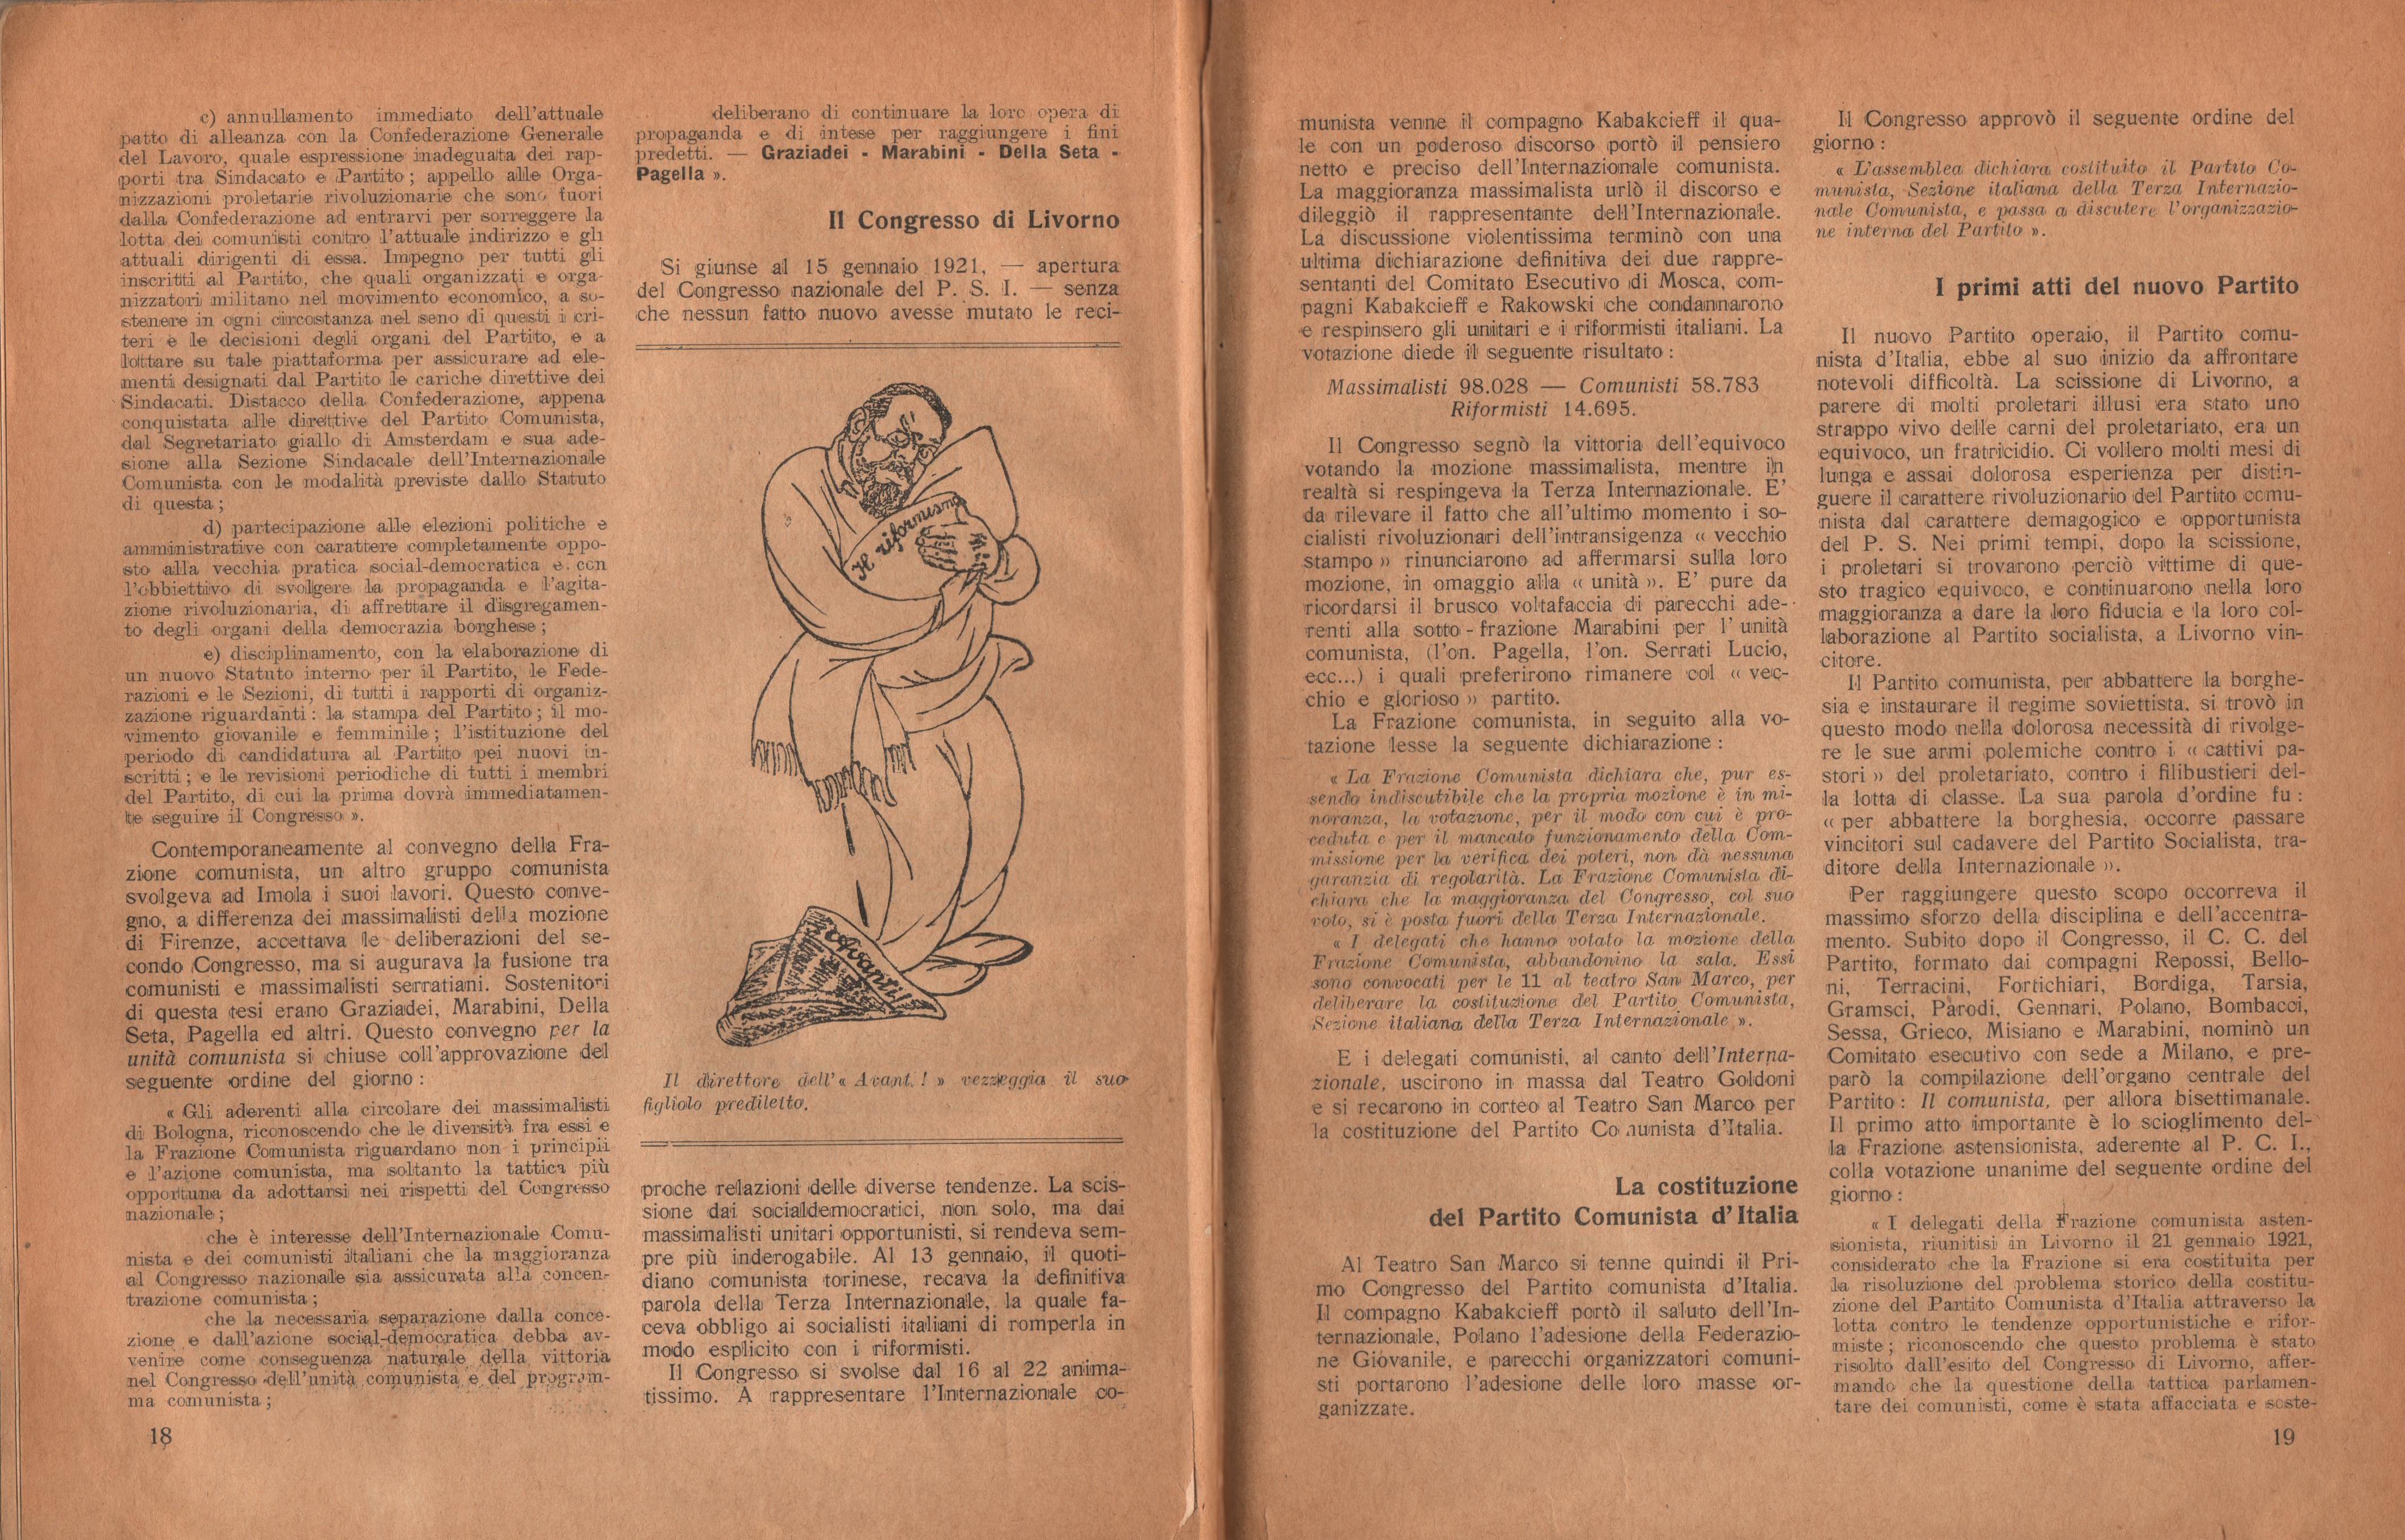 Almanacco comunista 1922 - pag. 12